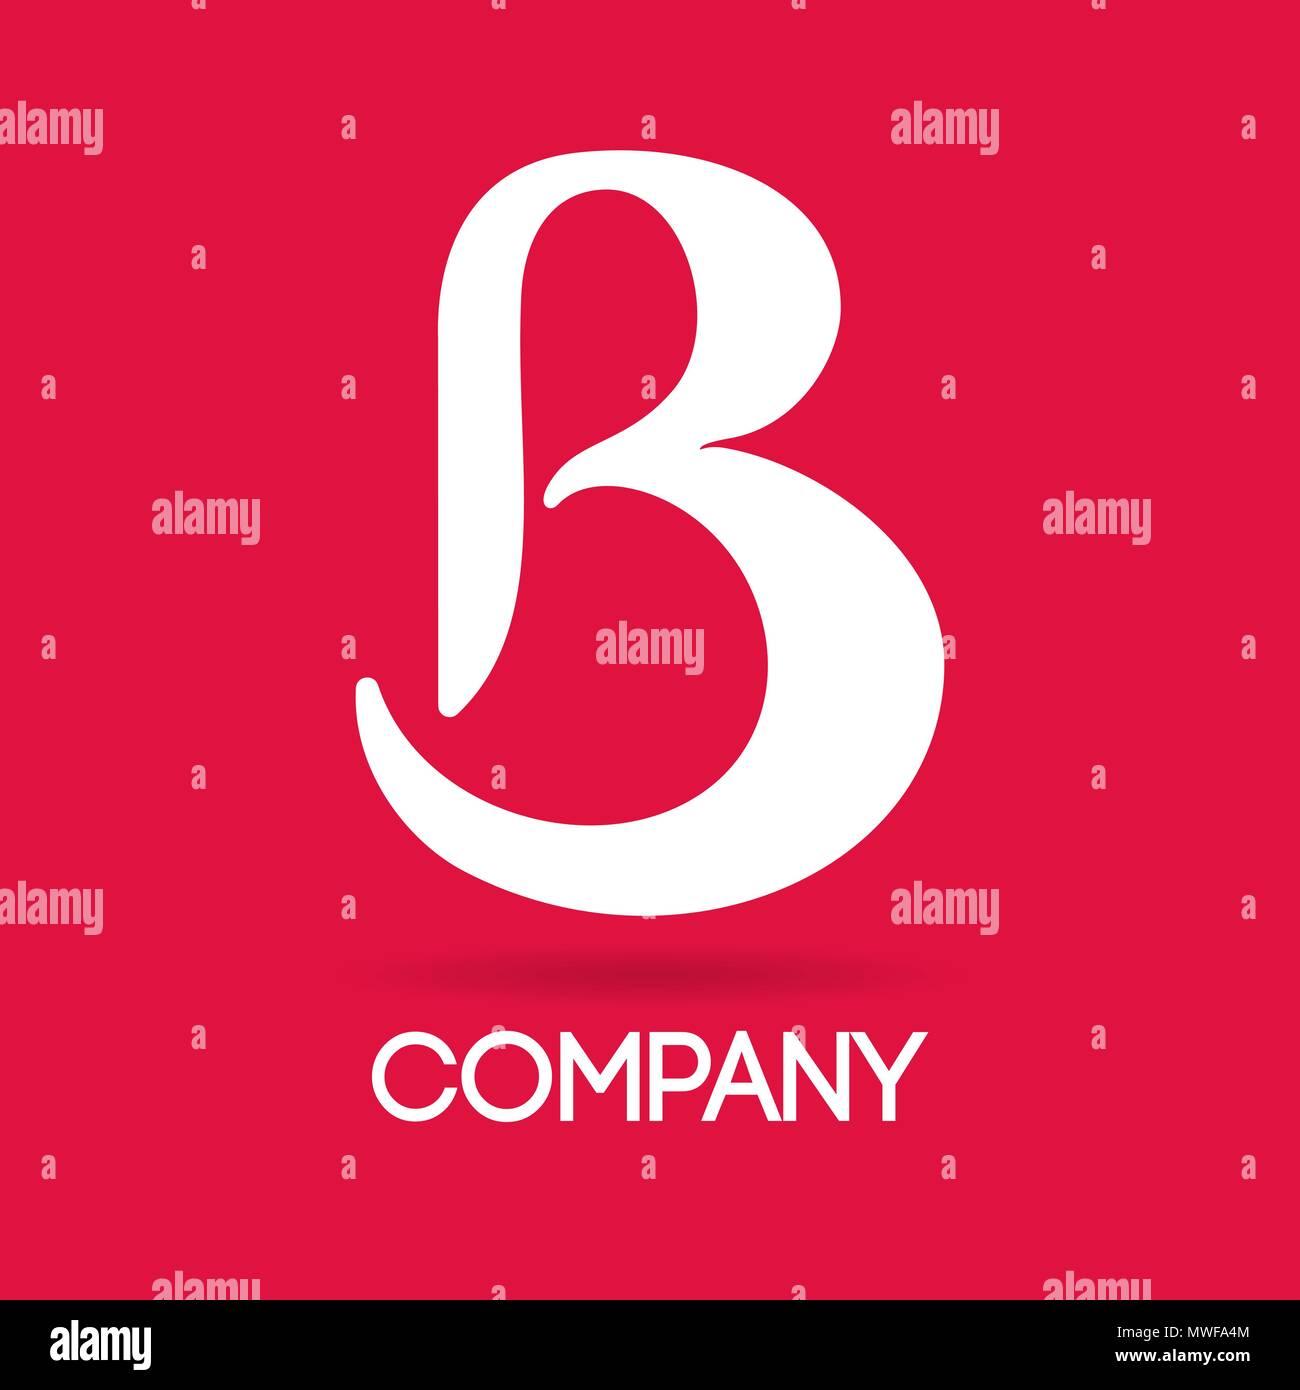 Elegant letter B design for logotypes and branding - Stock Image